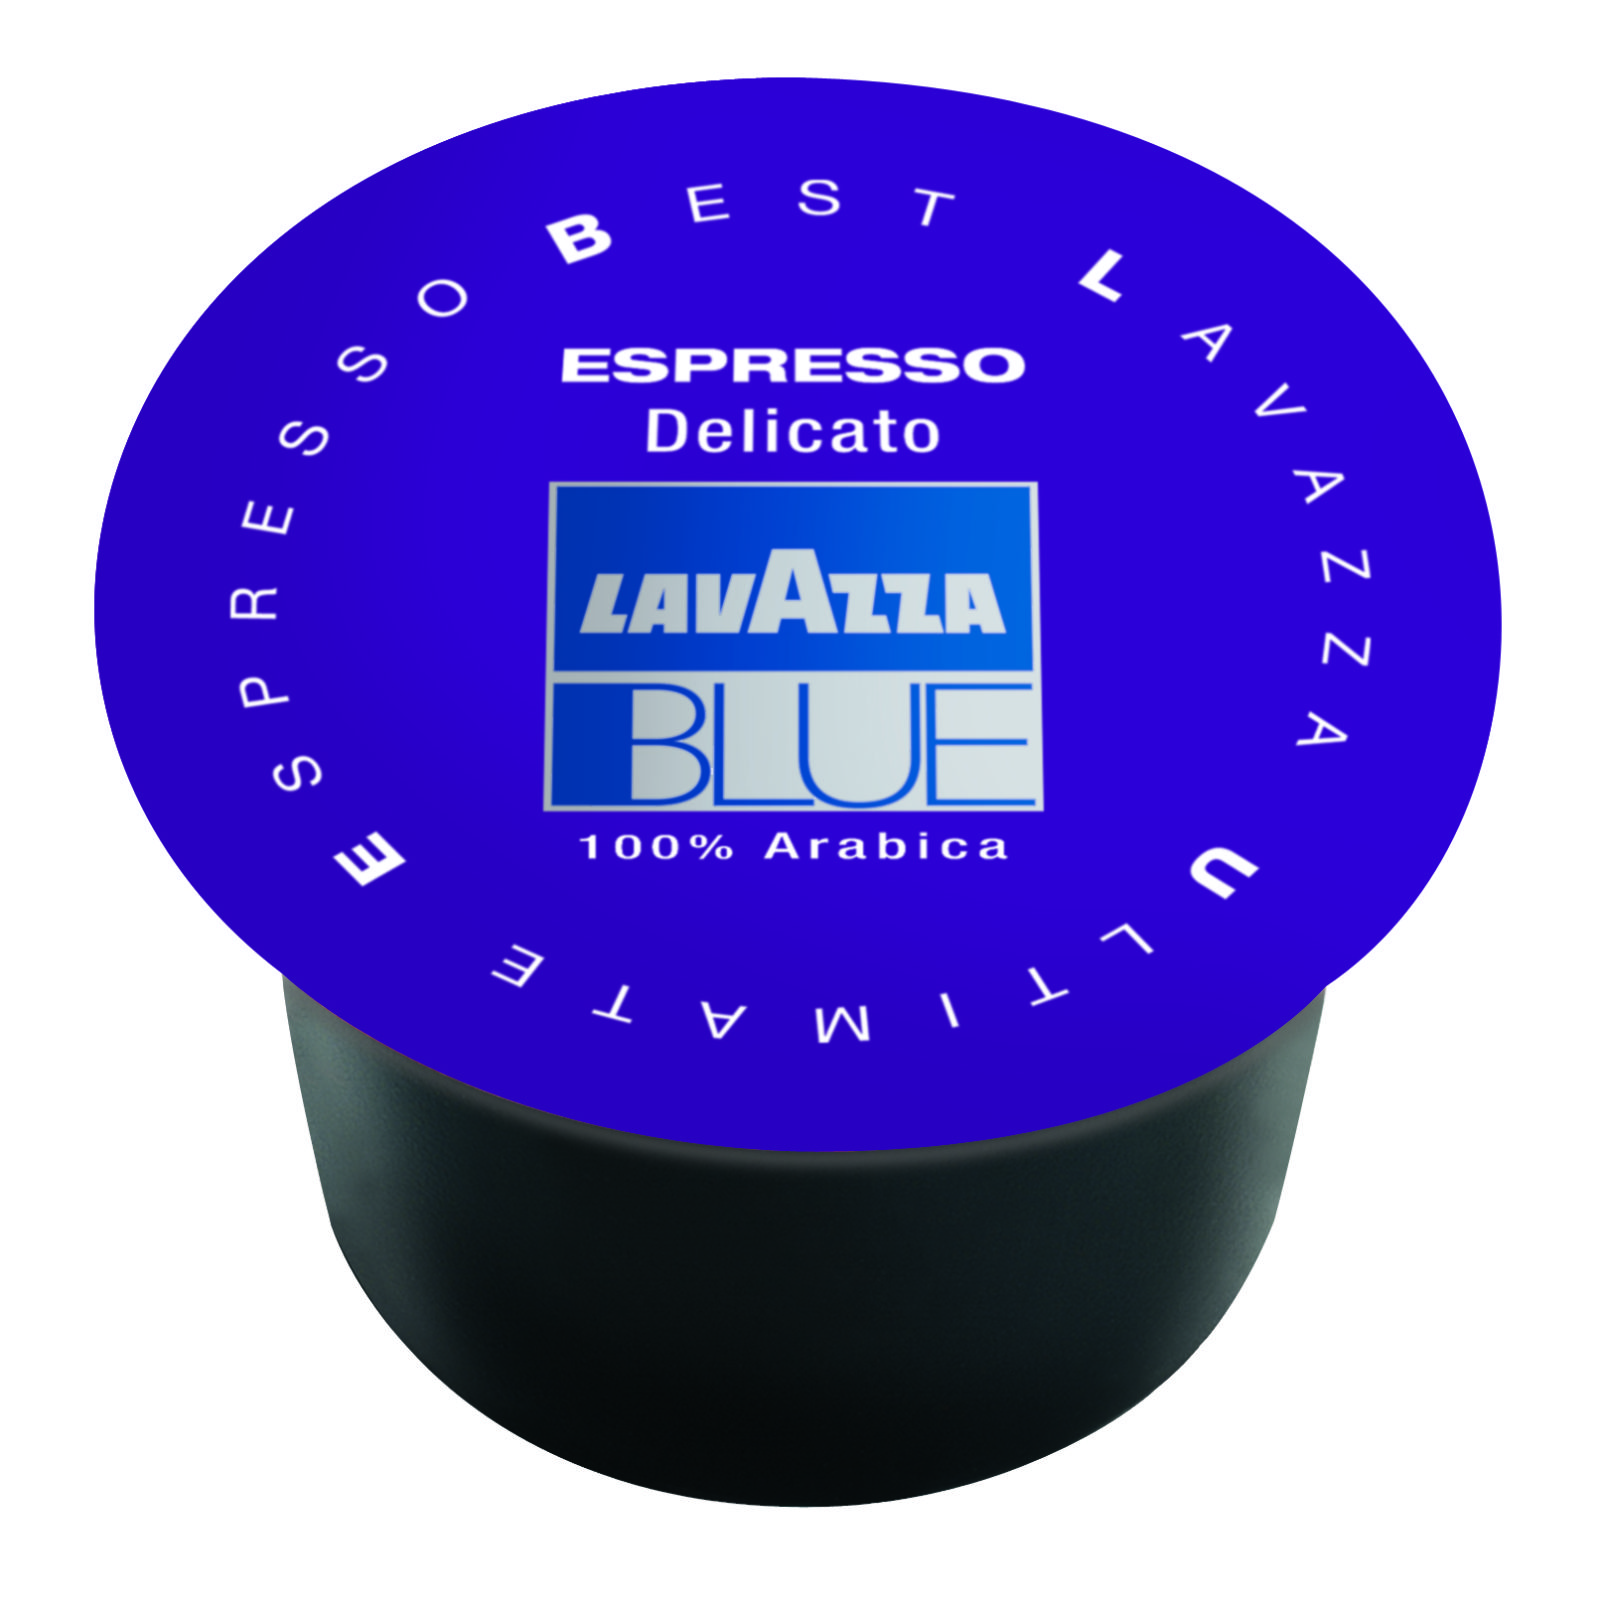 Кофе натуральный в капсулах «Espresso Delicato» LB 8г (код 930)